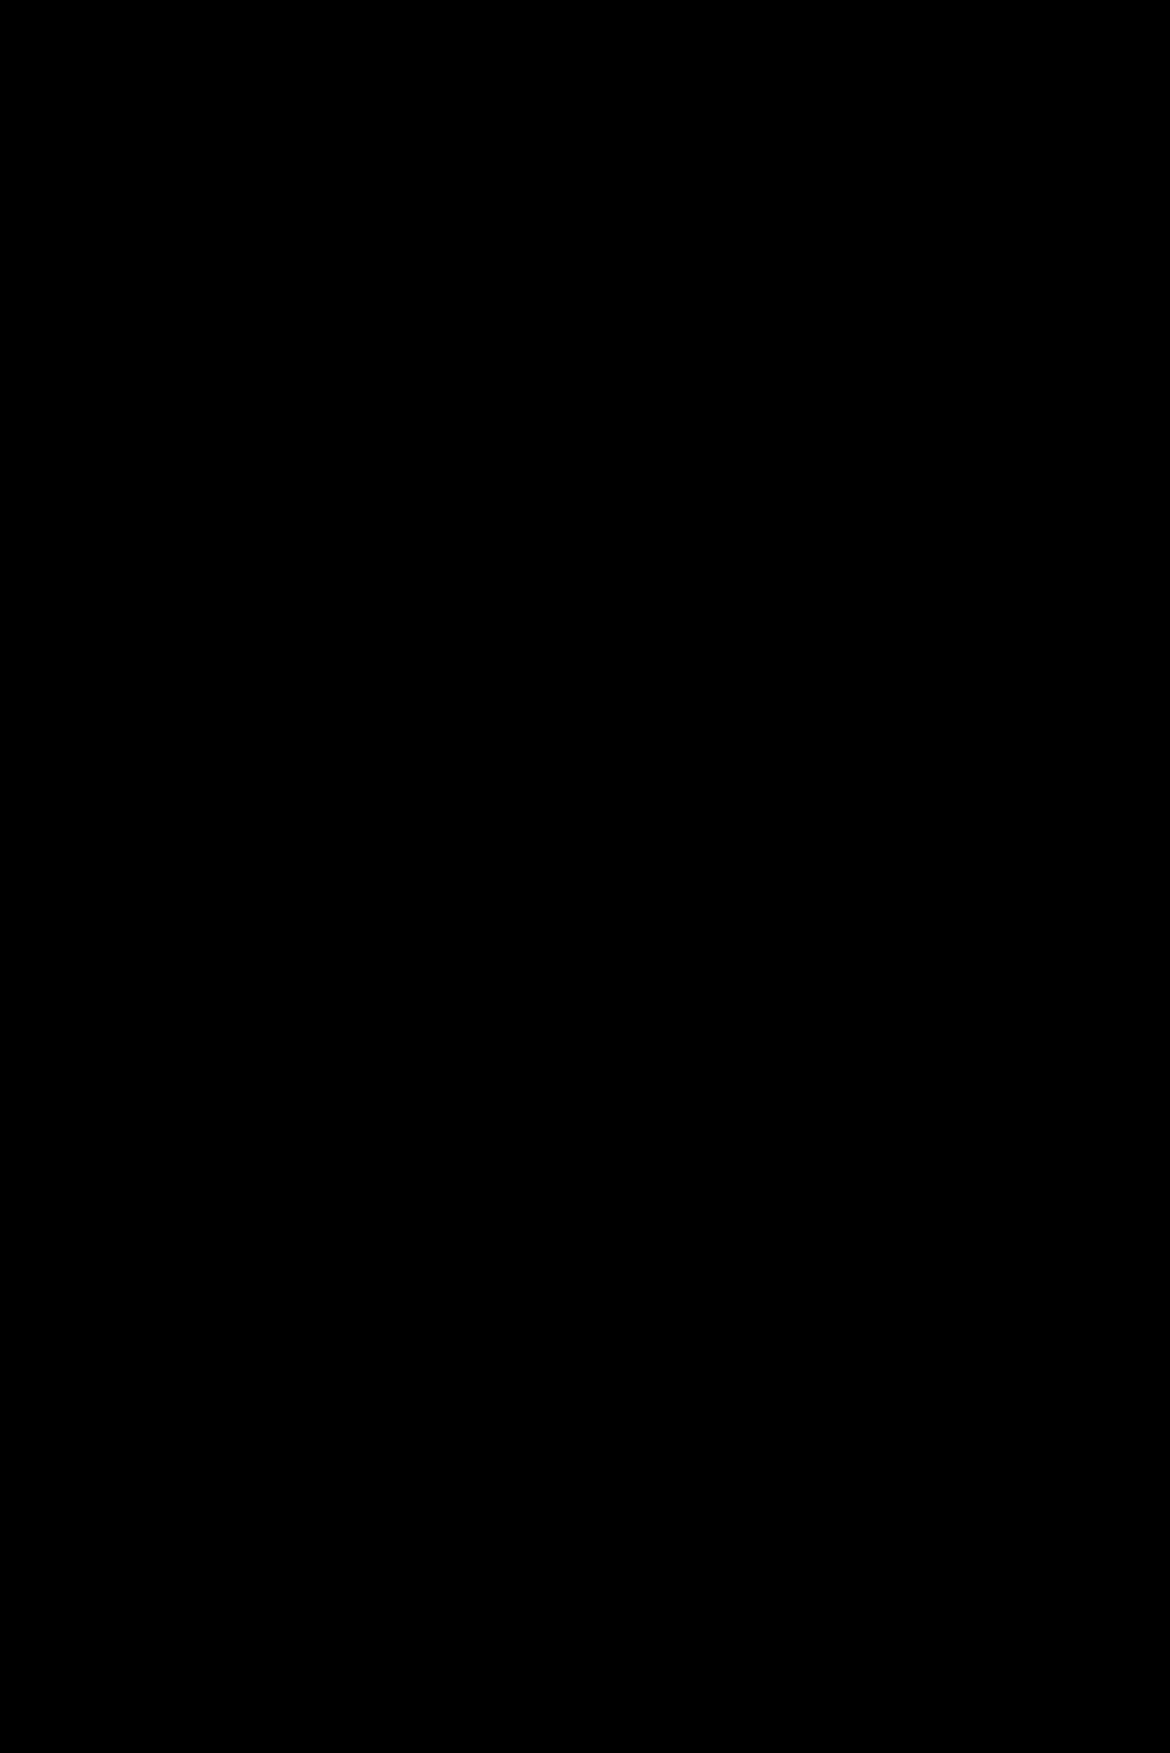 Laura Comolli alle Grotte della Poesia - Weekend in Puglia: Il racconto della mia vacanza